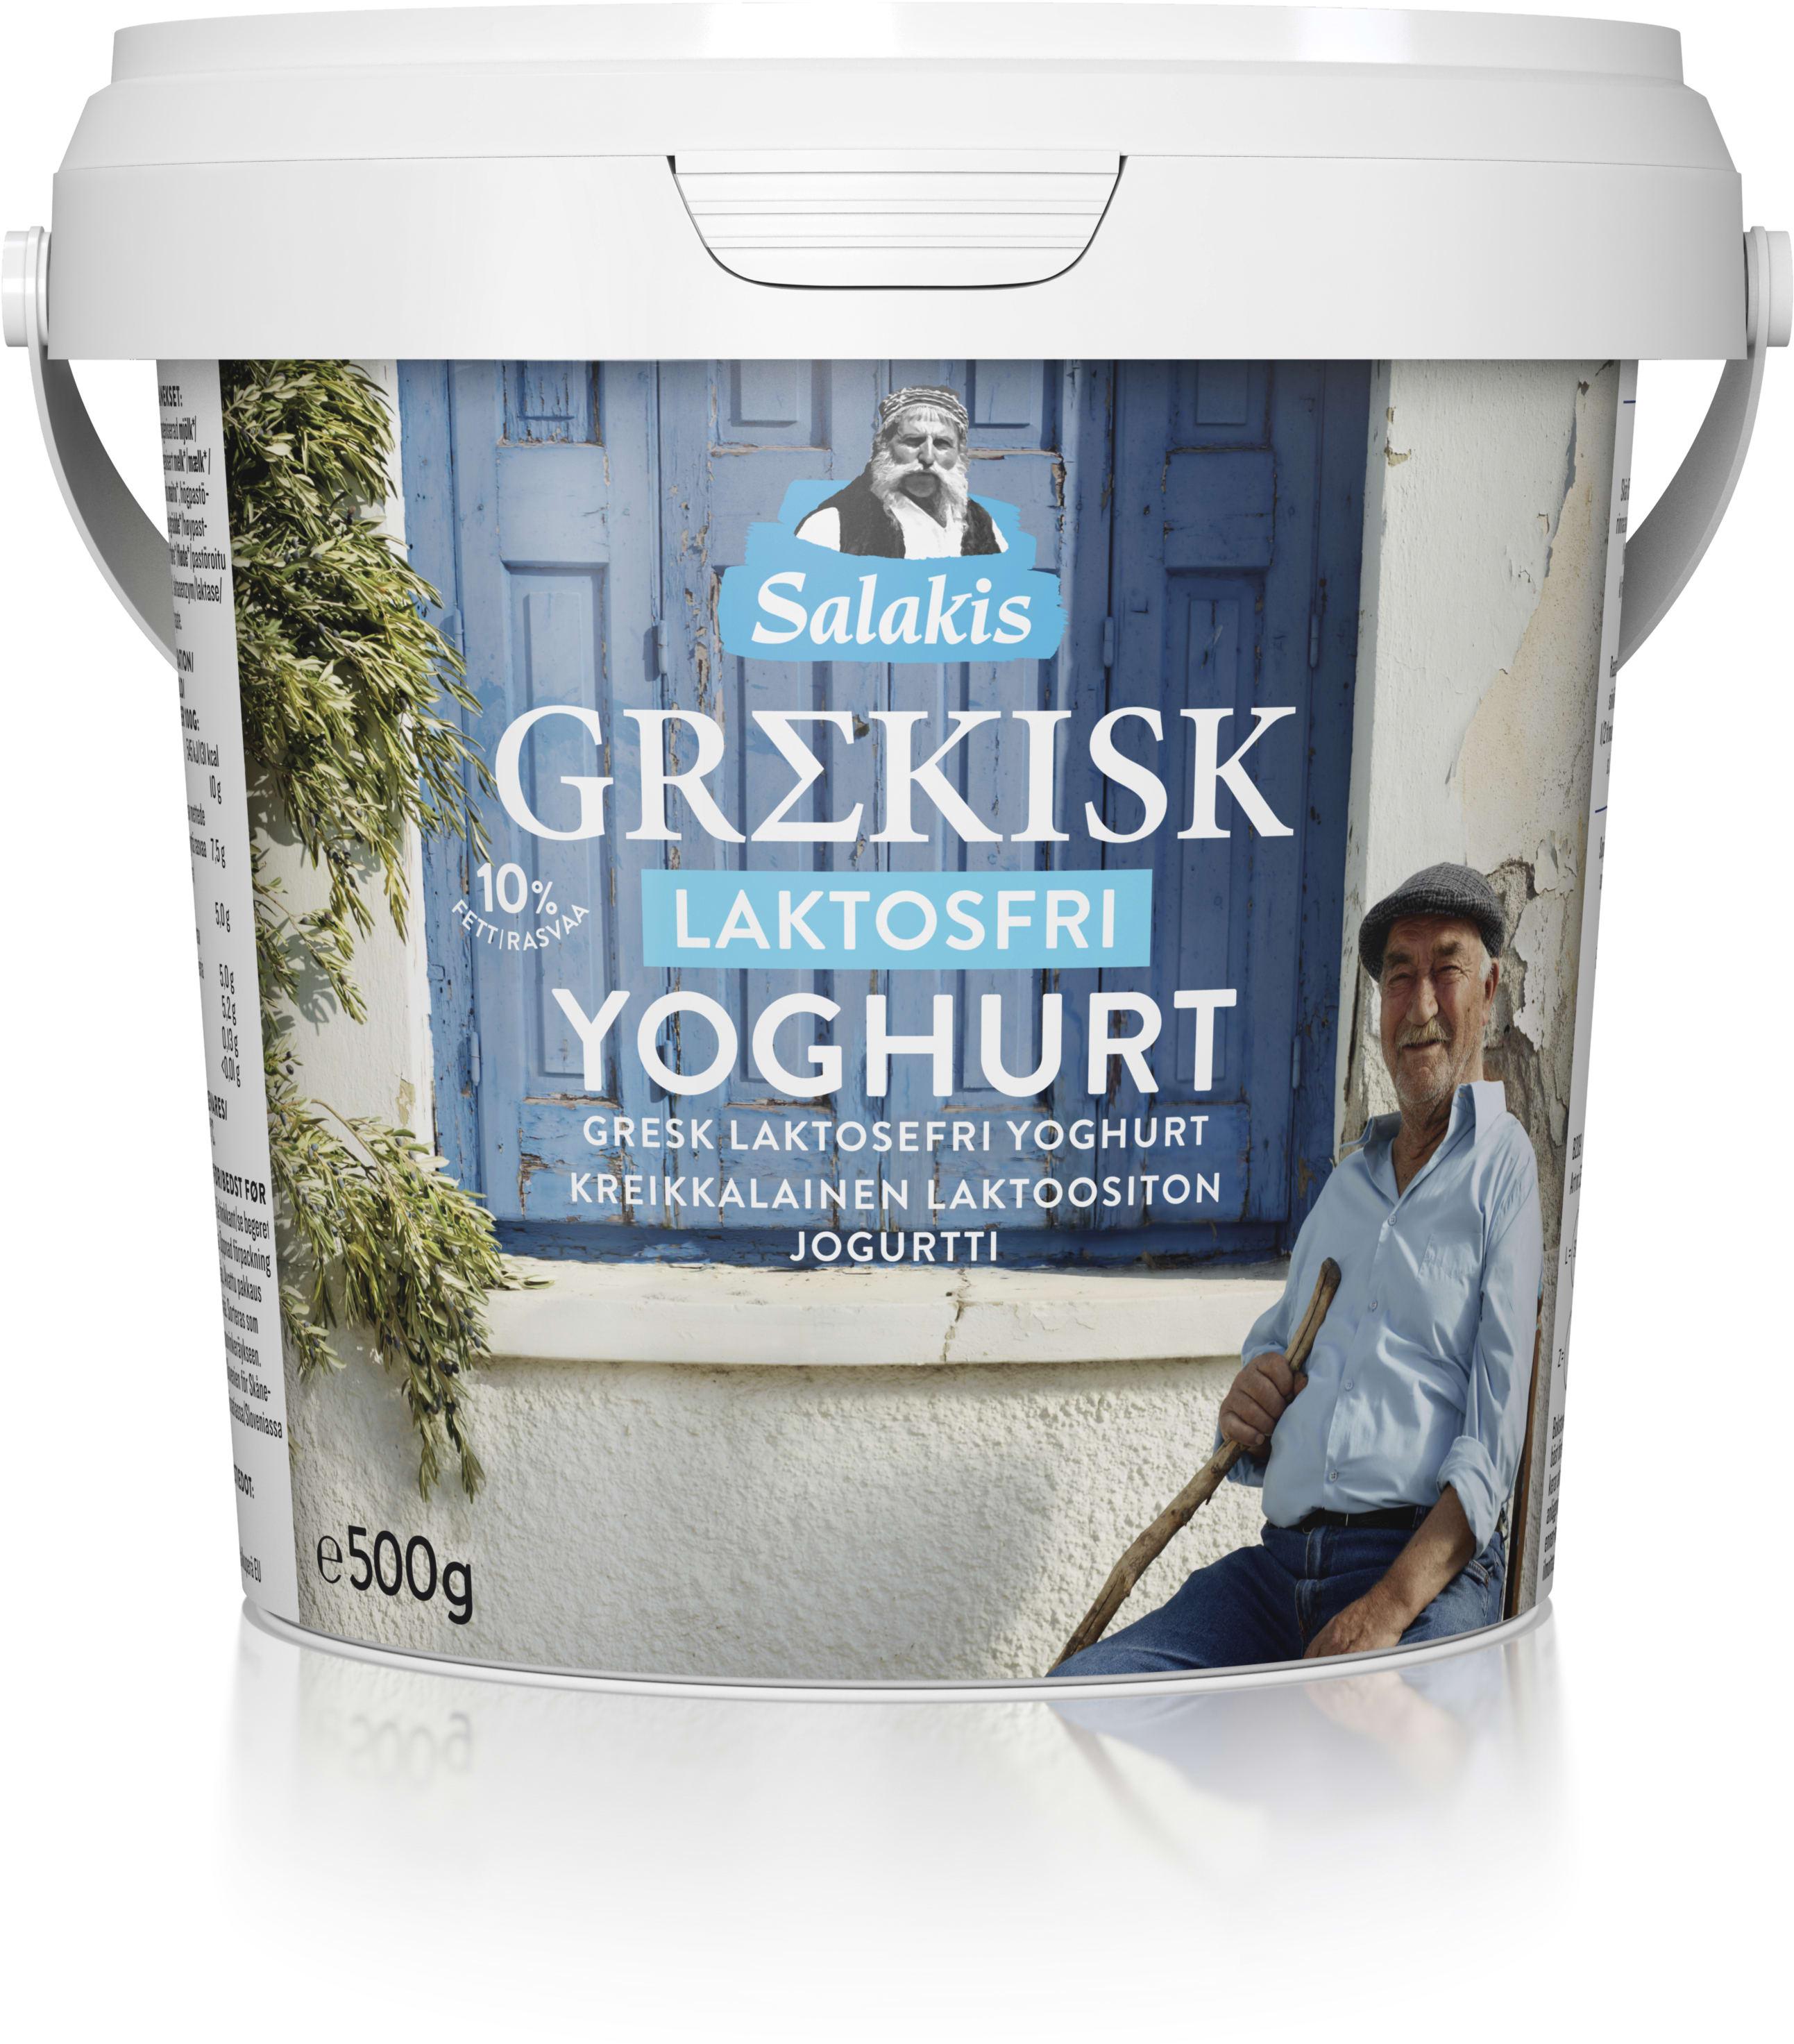 laktos i turkisk yoghurt